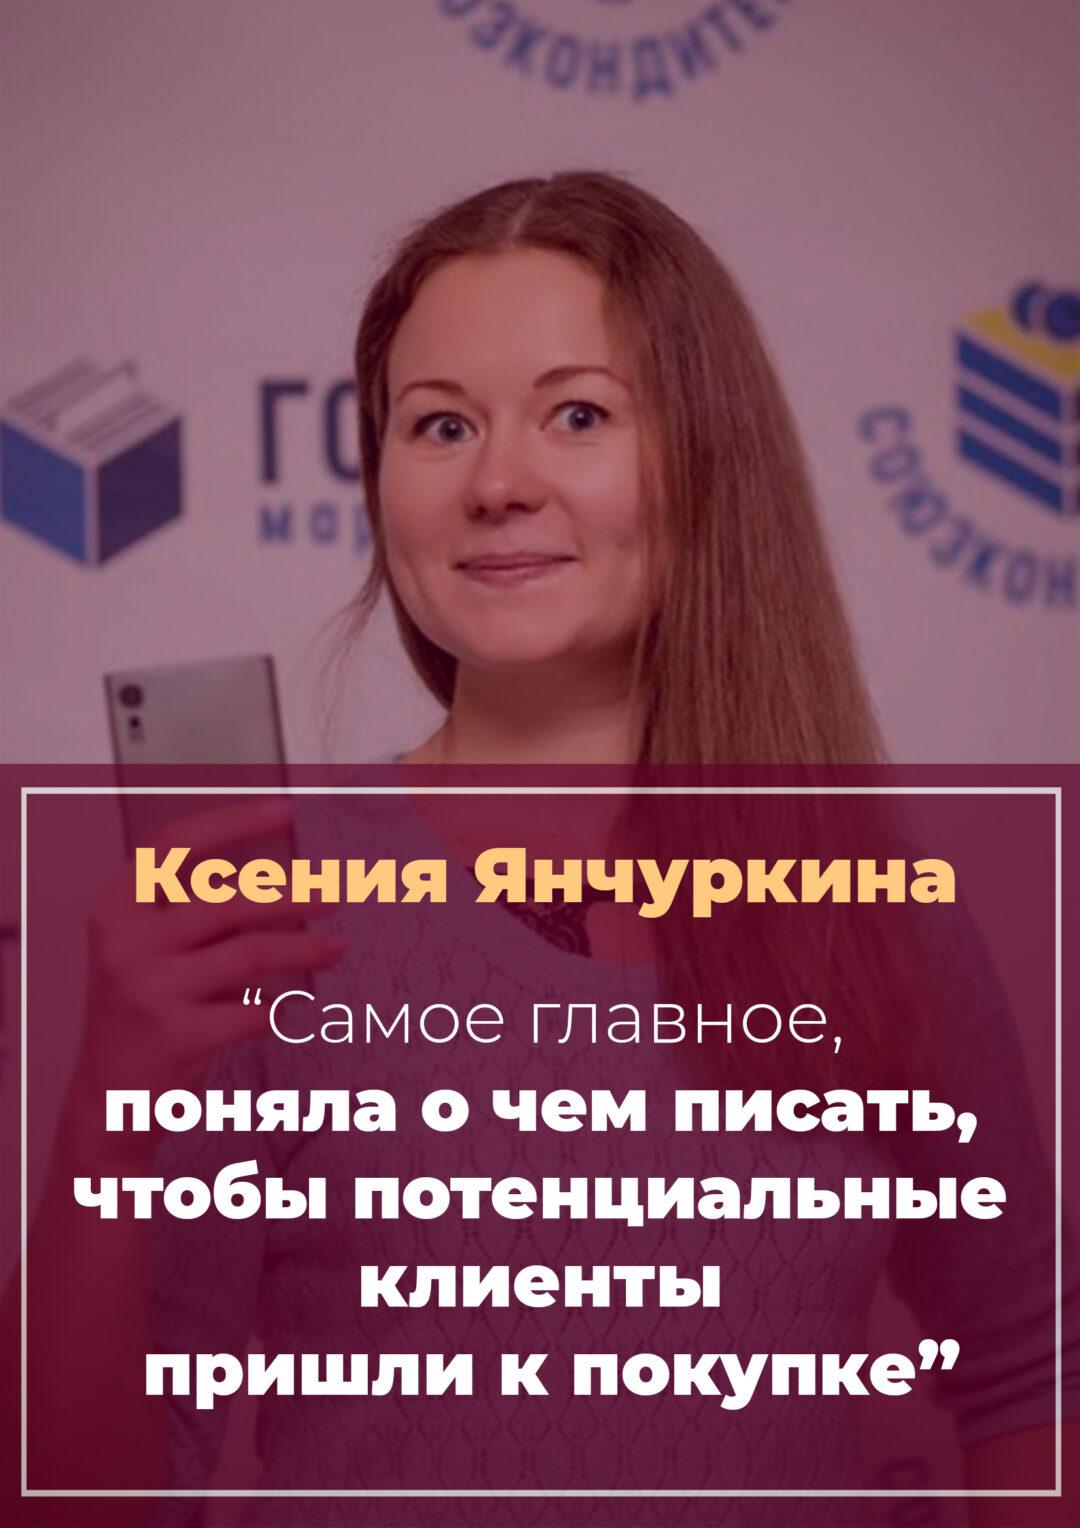 История Ксении Янчуркиной